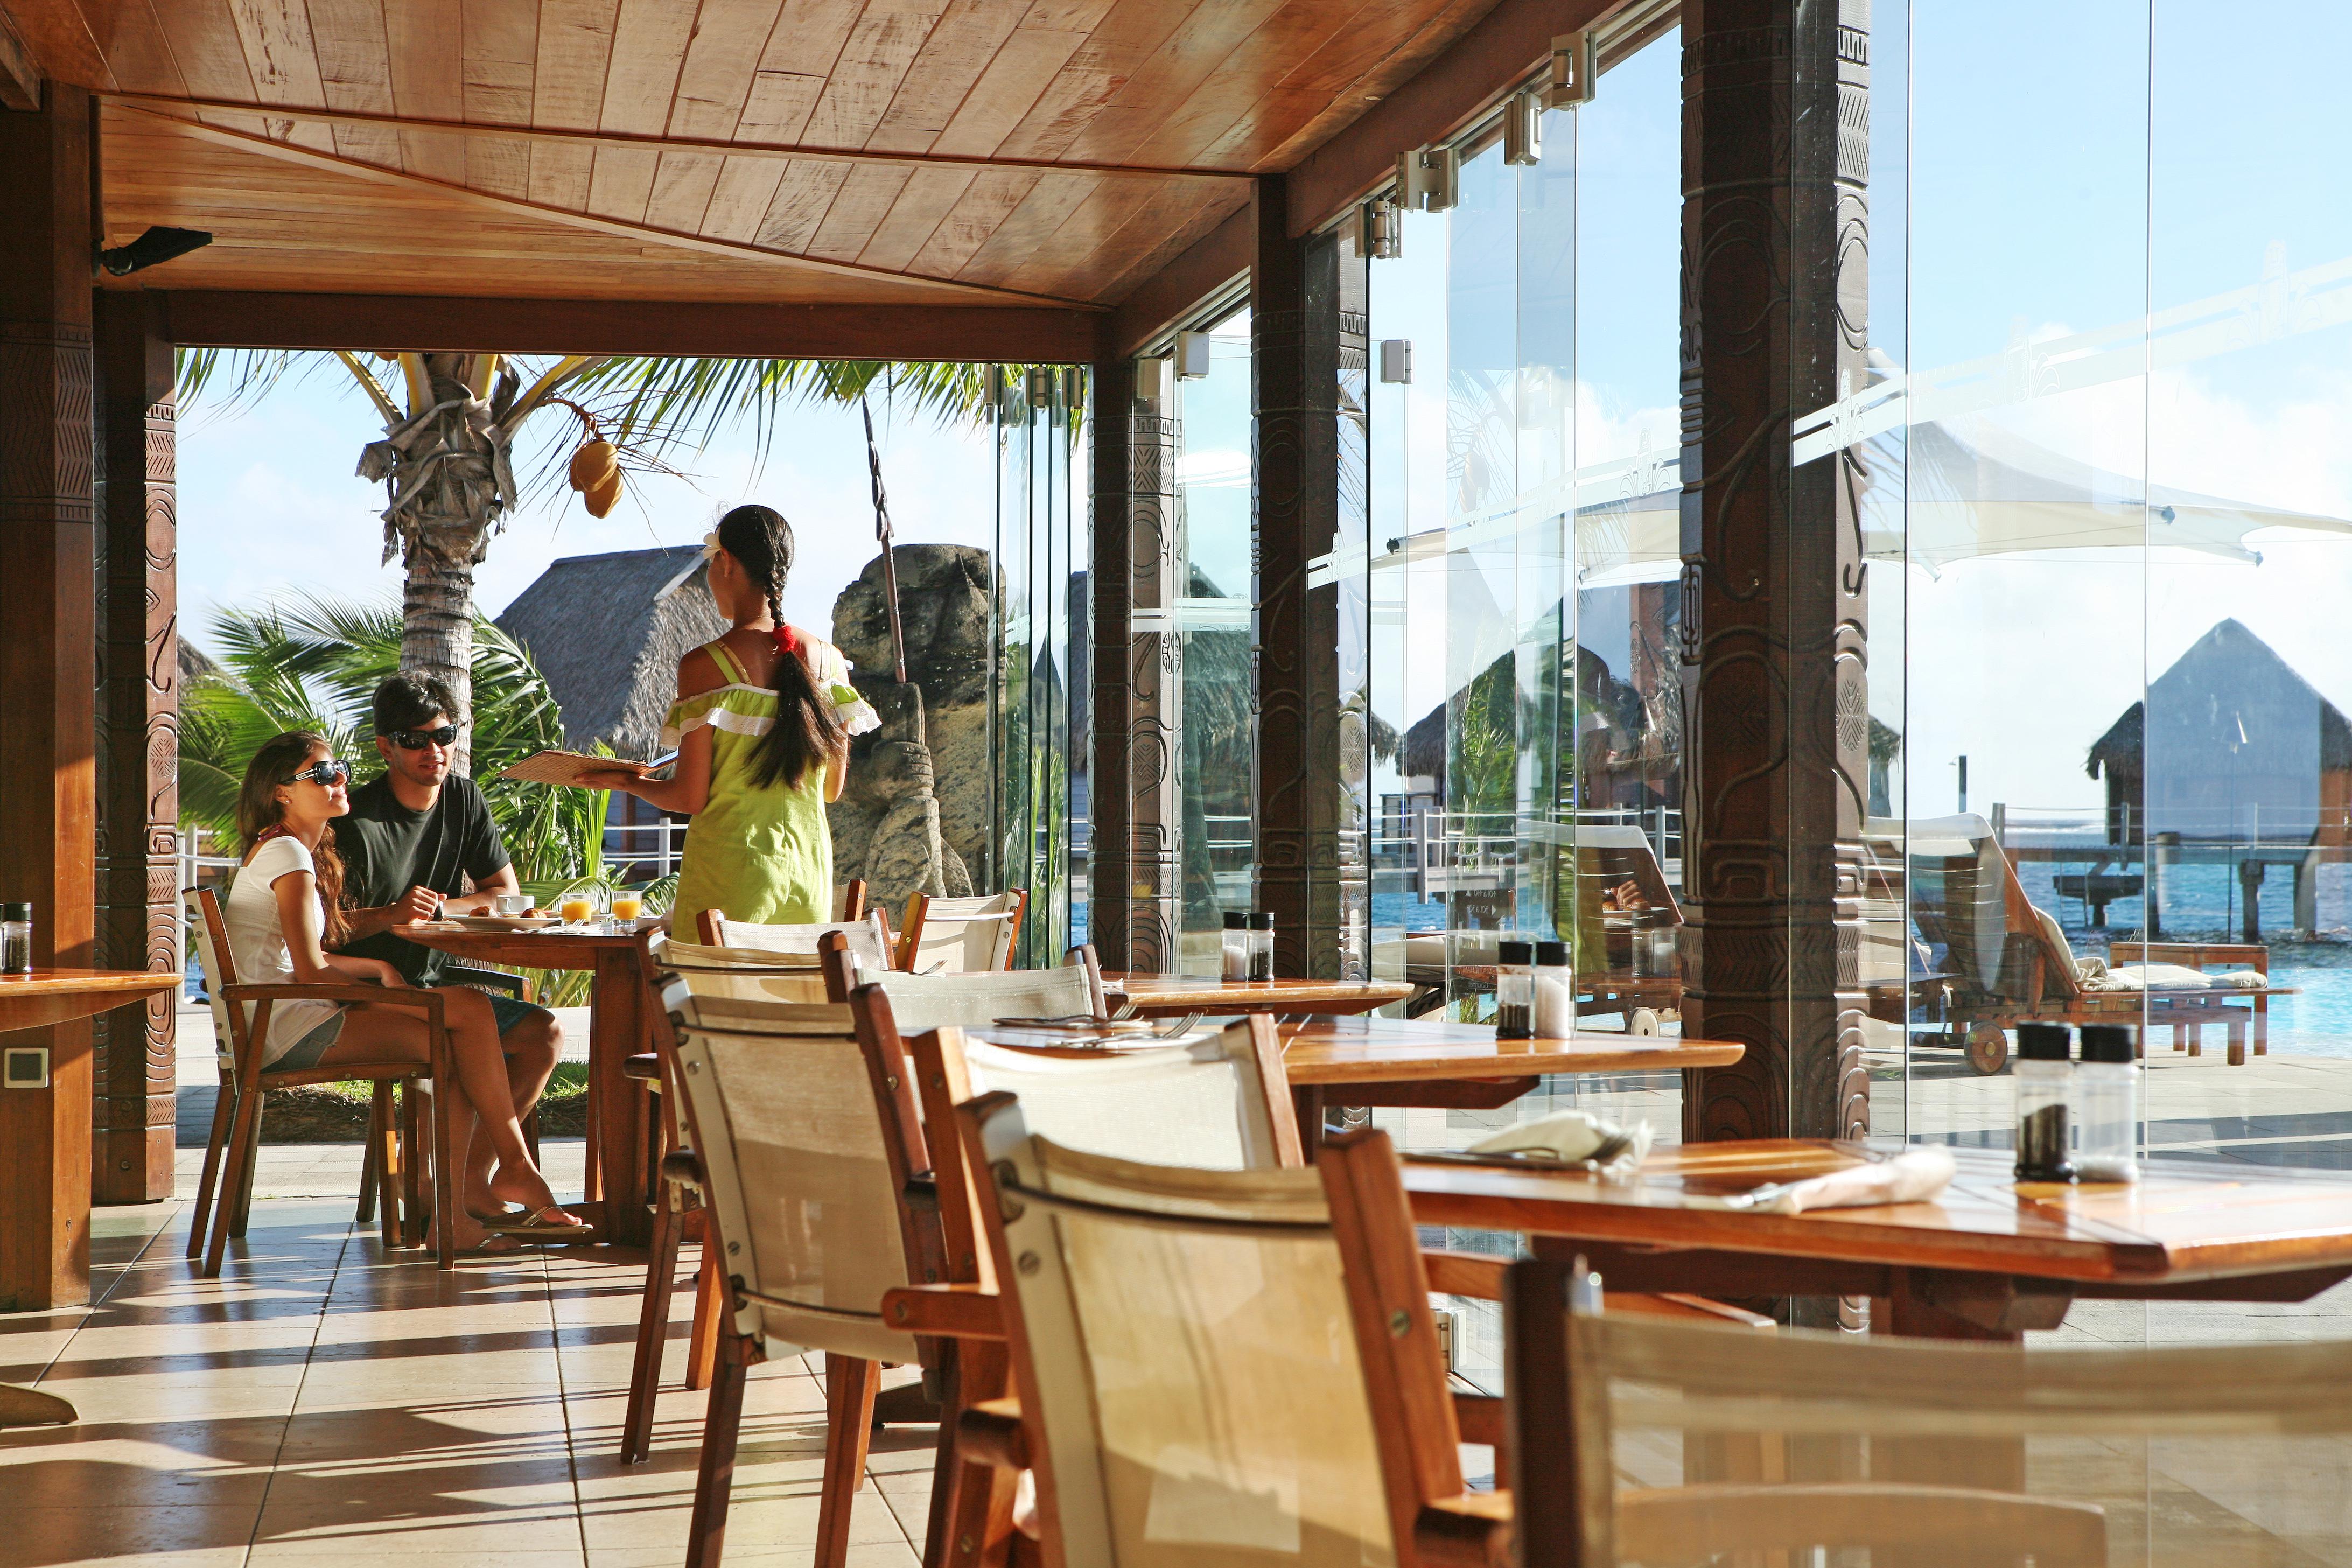 https://tahititourisme.cn/wp-content/uploads/2018/03/RESTAURATION-Restaurant-Mahanai-3-Greg_LeBacon.jpg